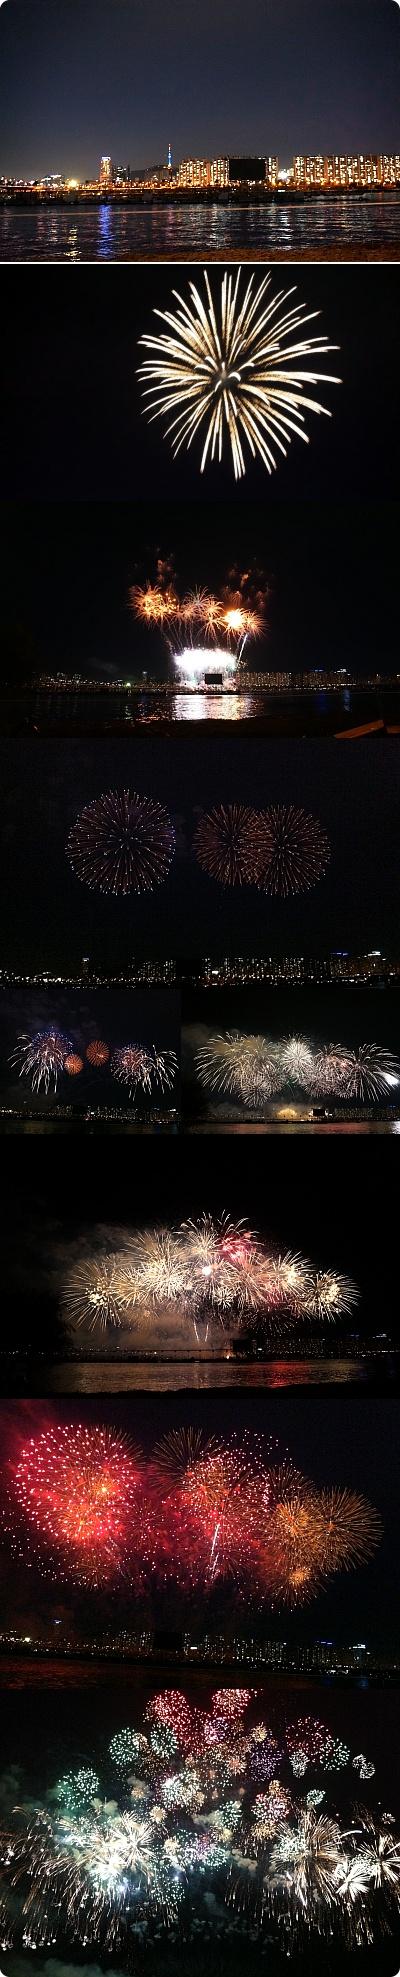 【映像添付】超ベストポジションで楽しんだ「ソウル世界花火大会」